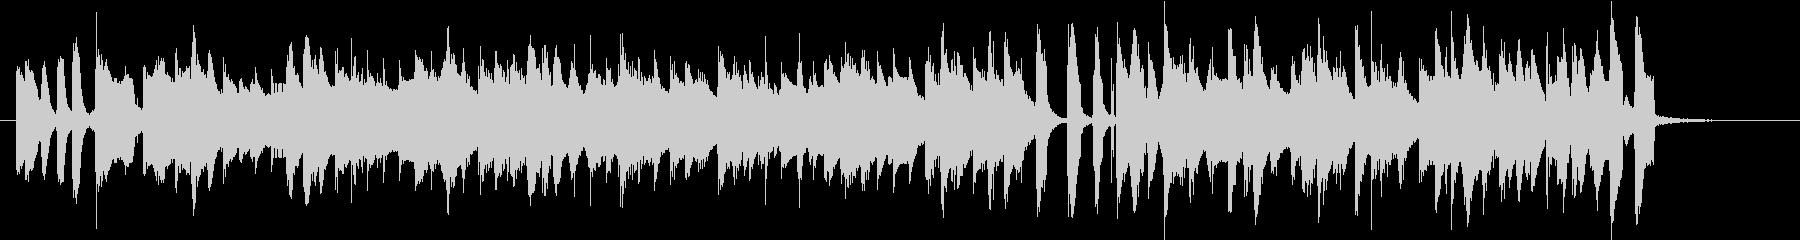 ハッピージャズの未再生の波形